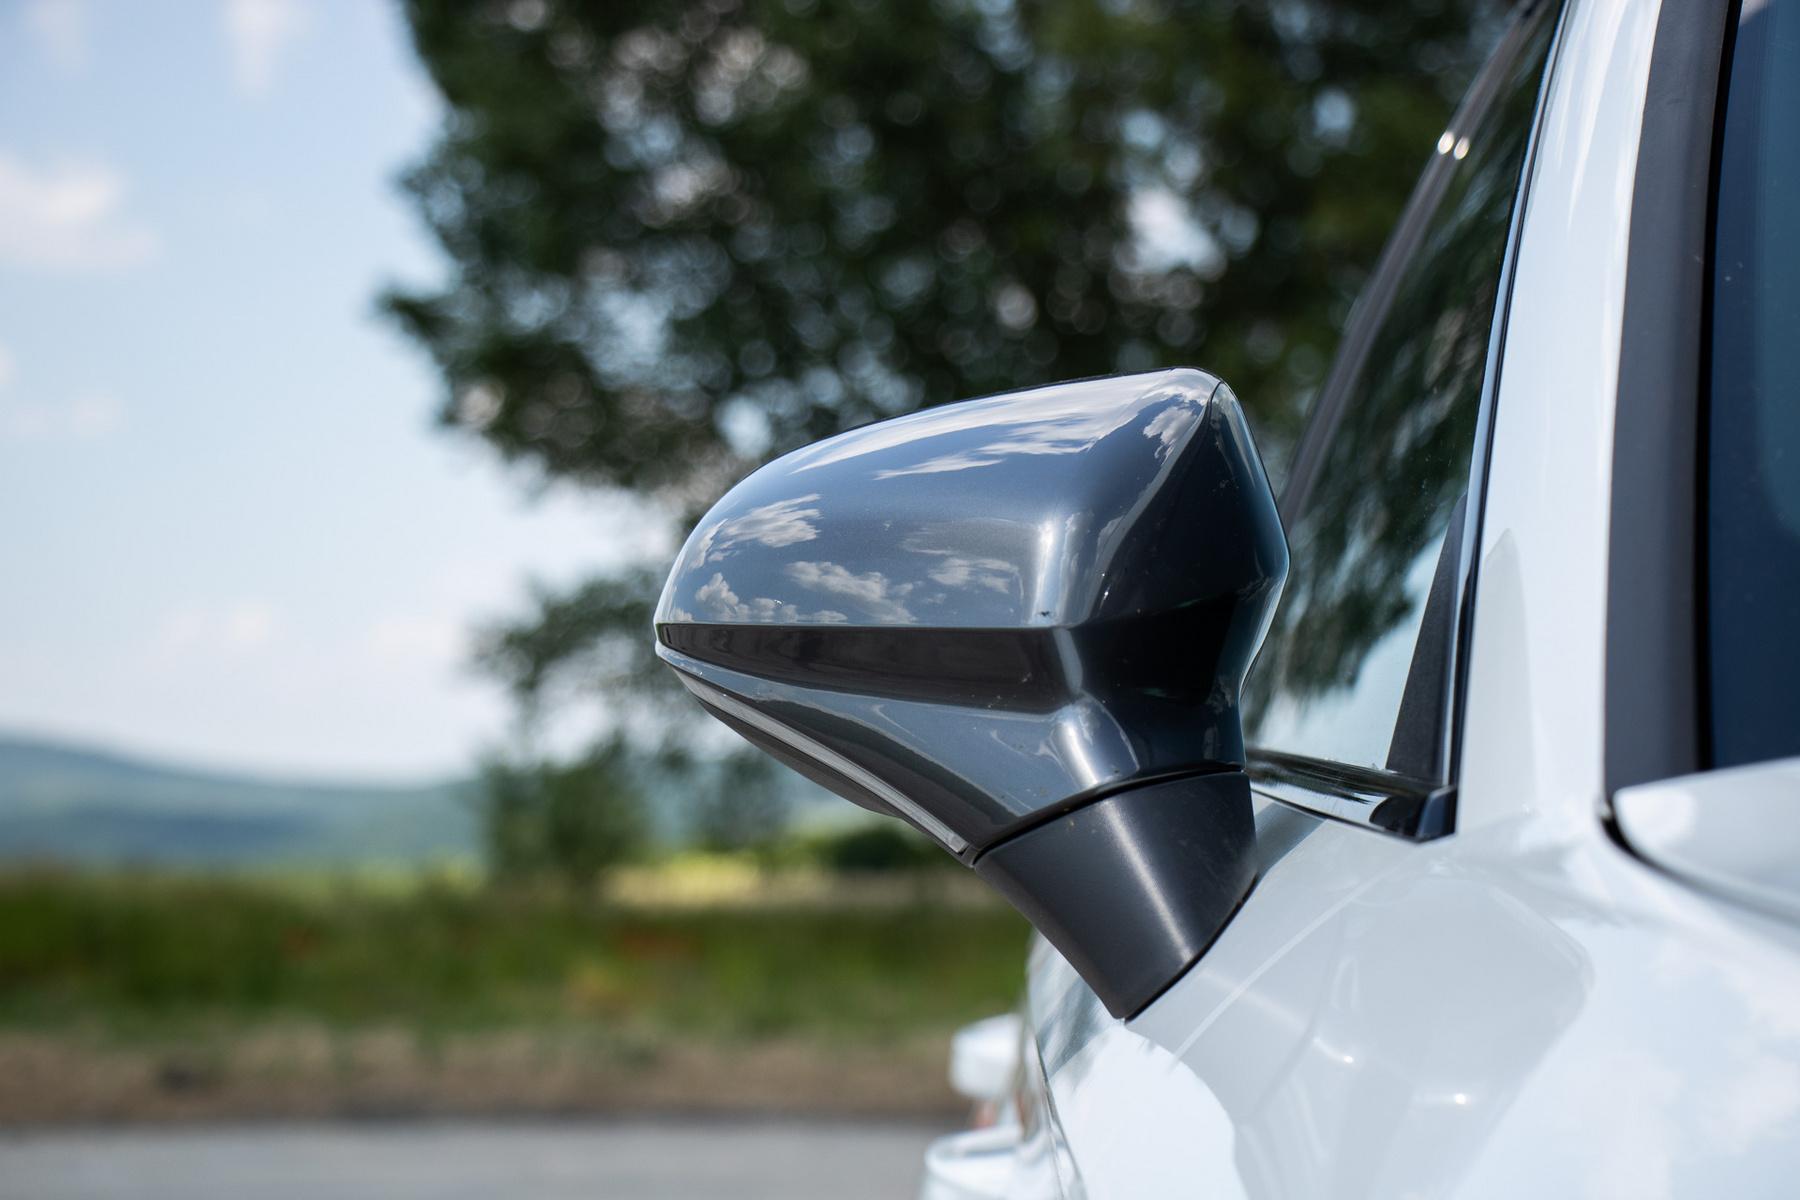 Vannak az izgalmas hot hatch-ek, a Cupra Leon a használós